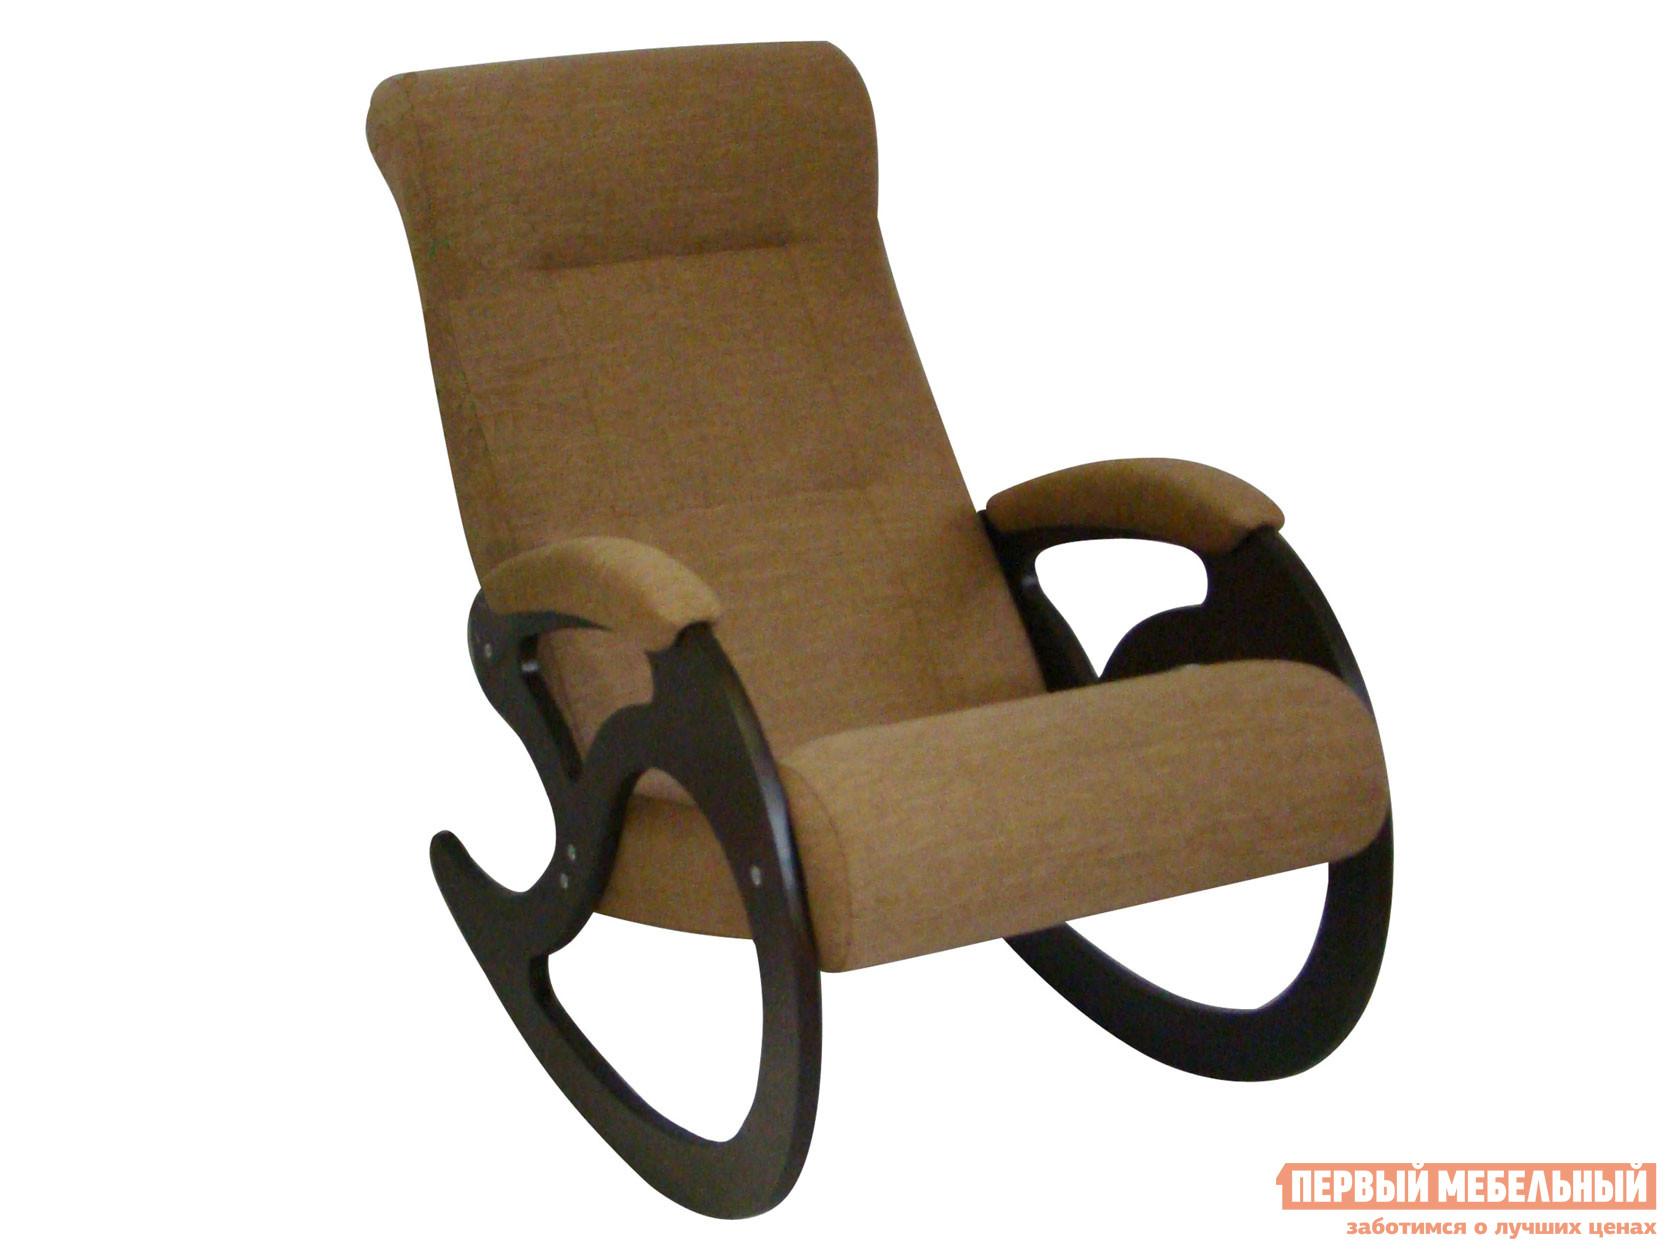 Кресло-качалка  Венера Светло-коричневый, рогожка / Темный орех Мебвилл 110508